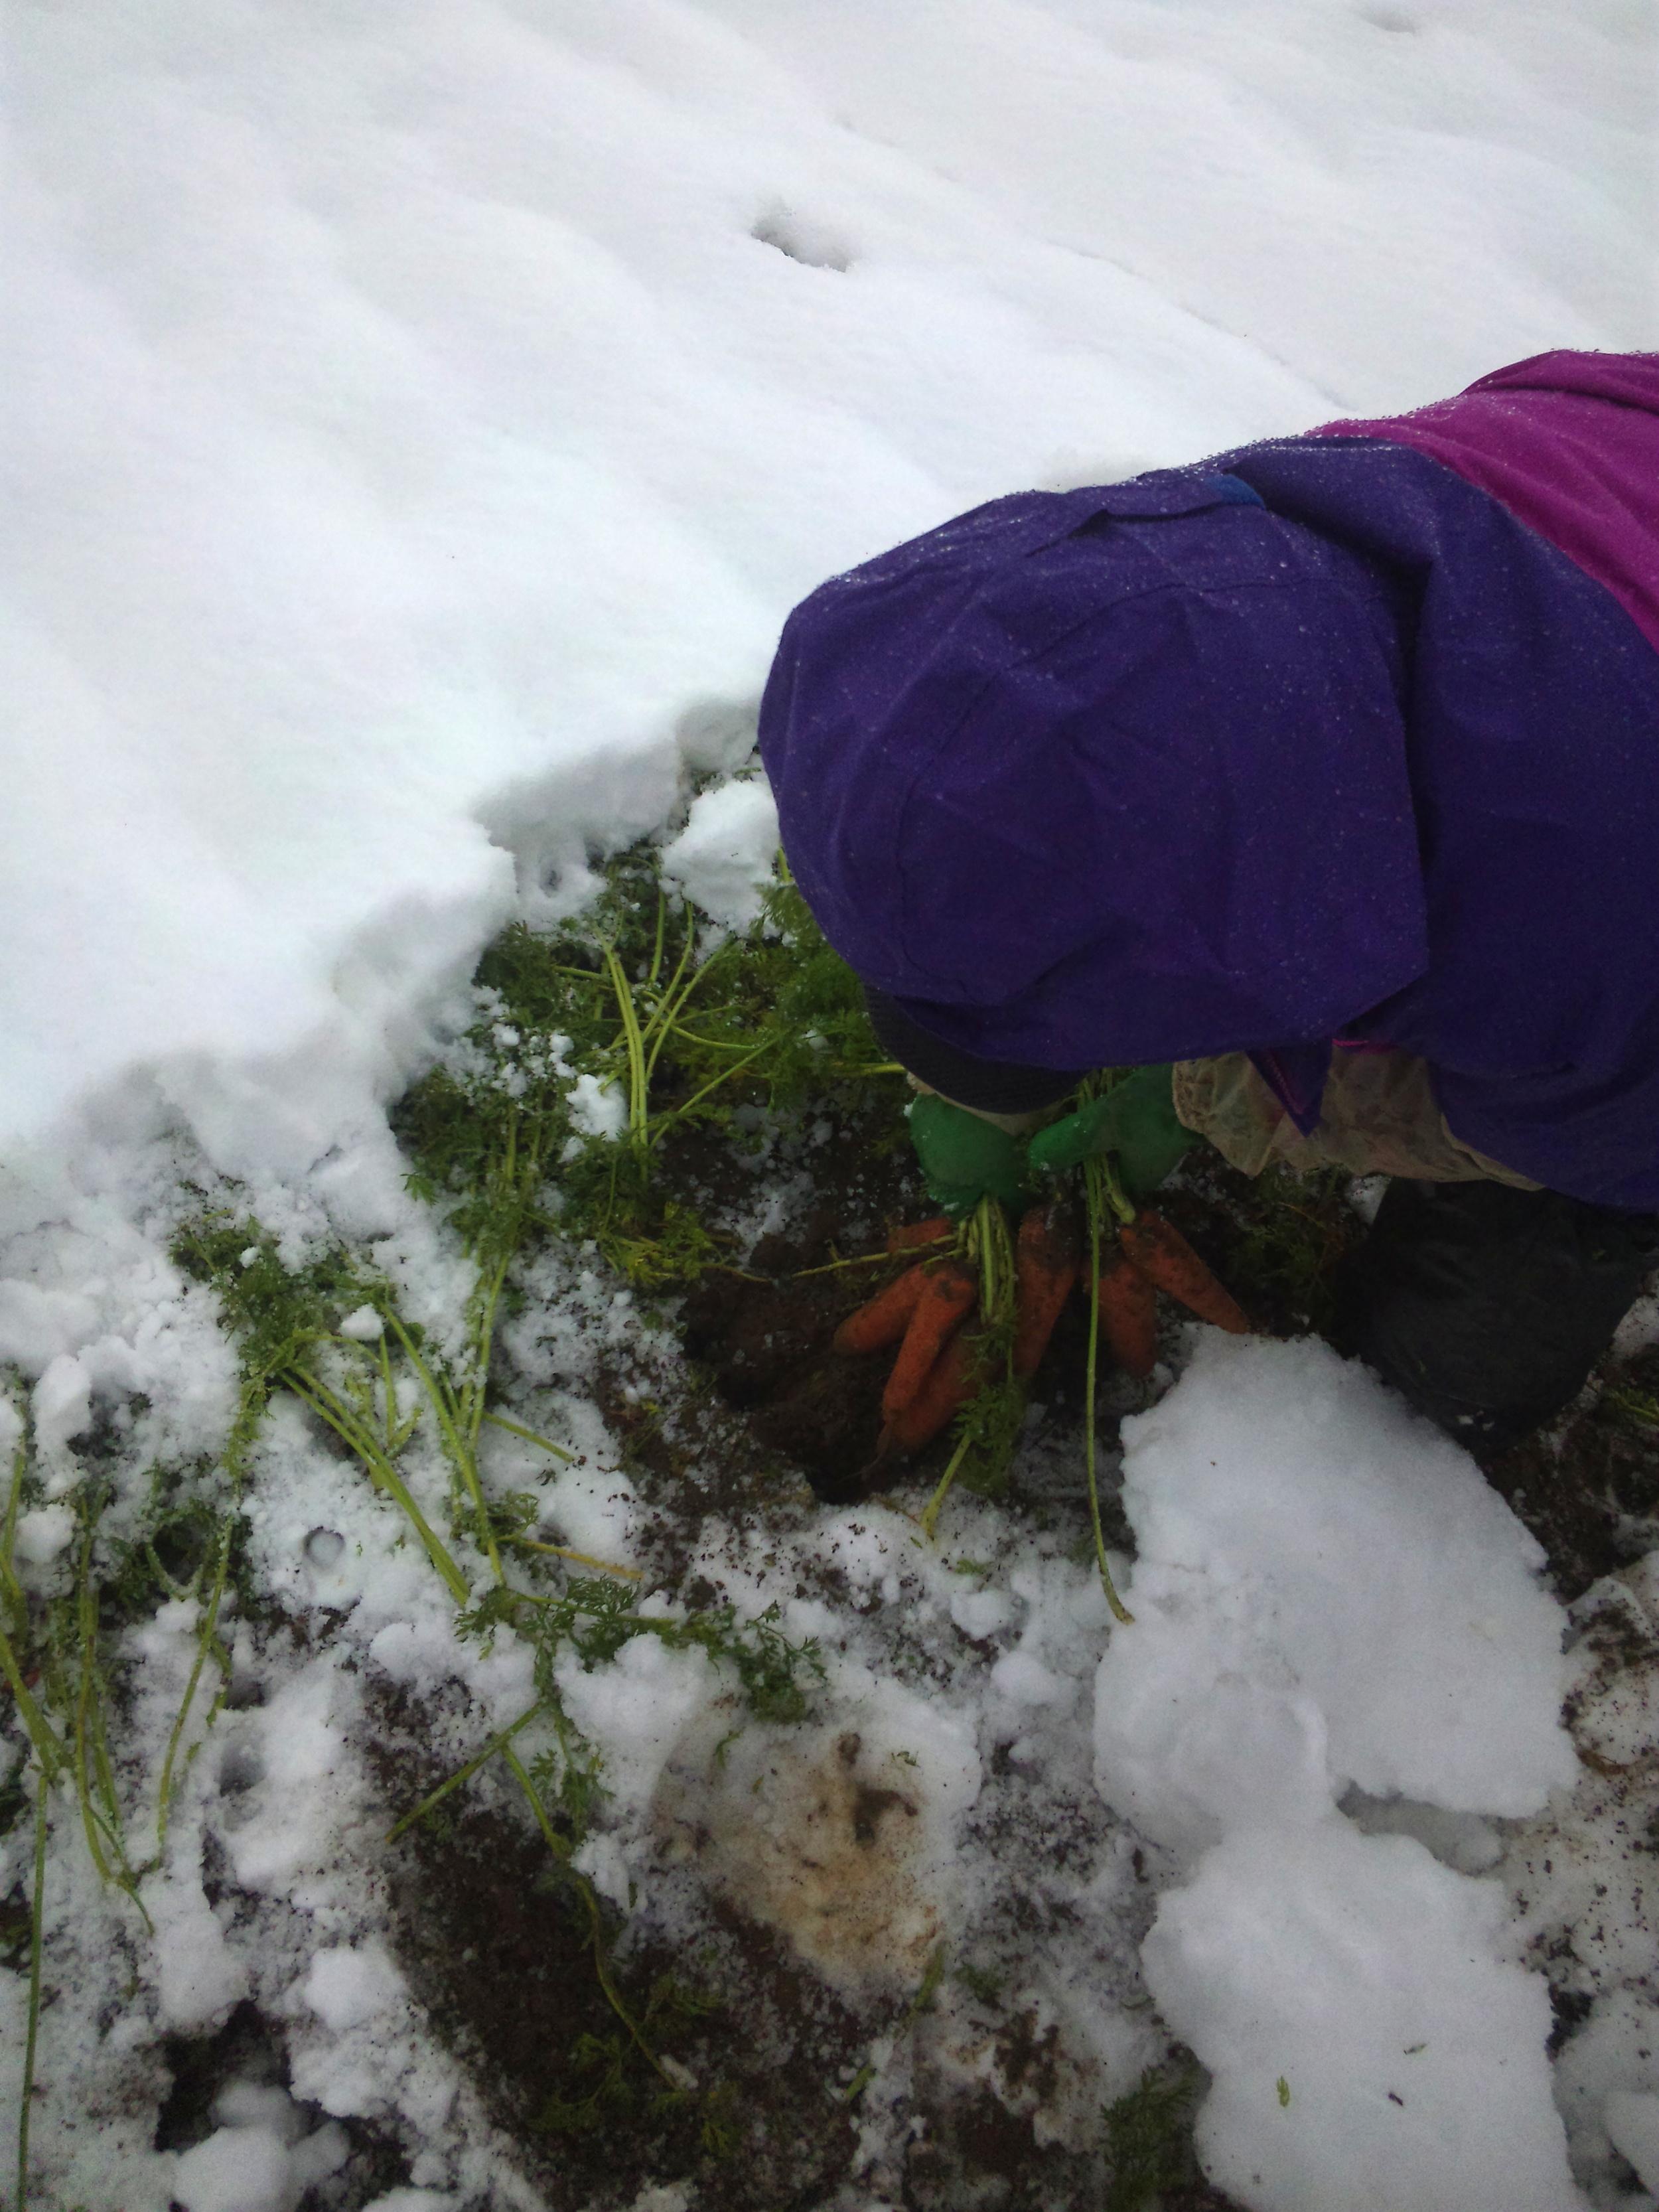 雪の下のニンジン掘りの様子